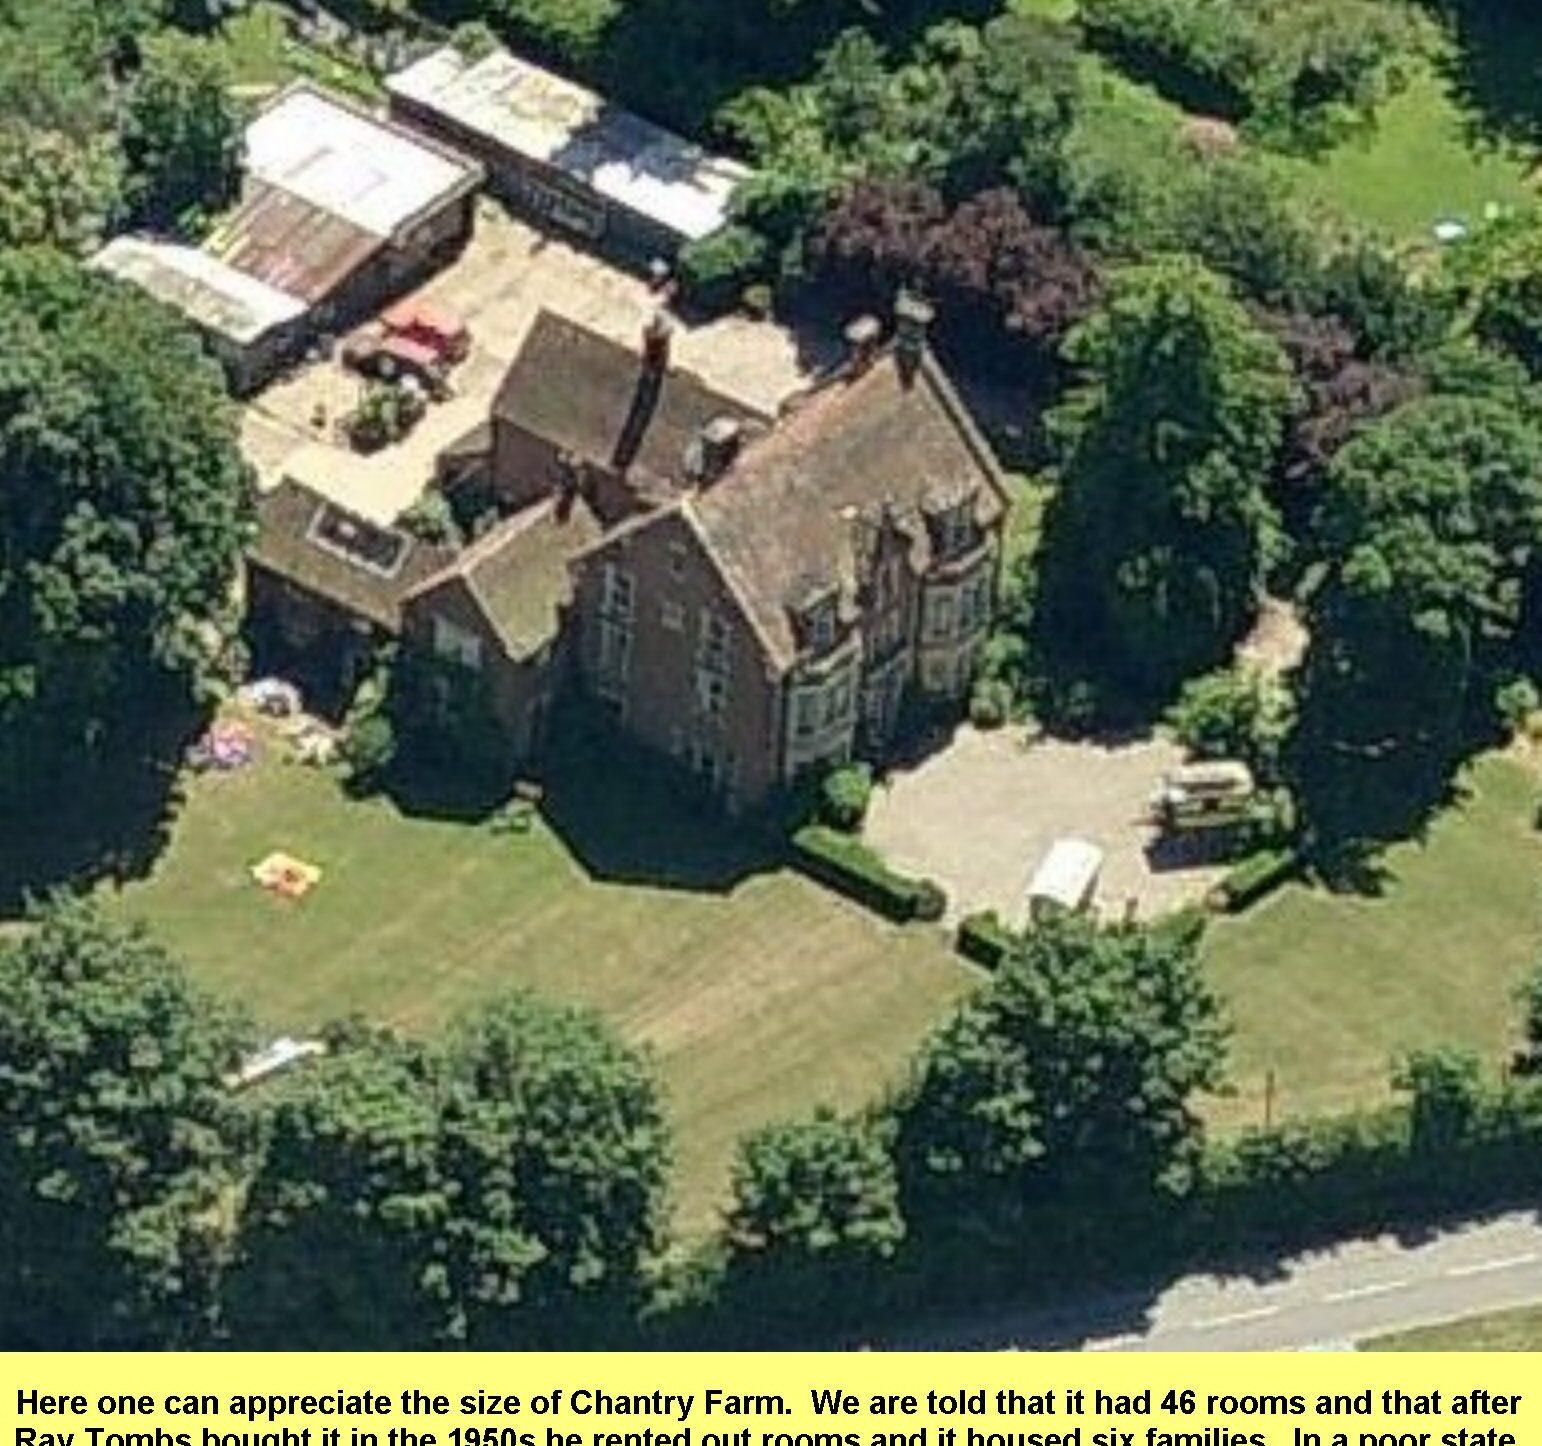 Westbourne Chantry Farm